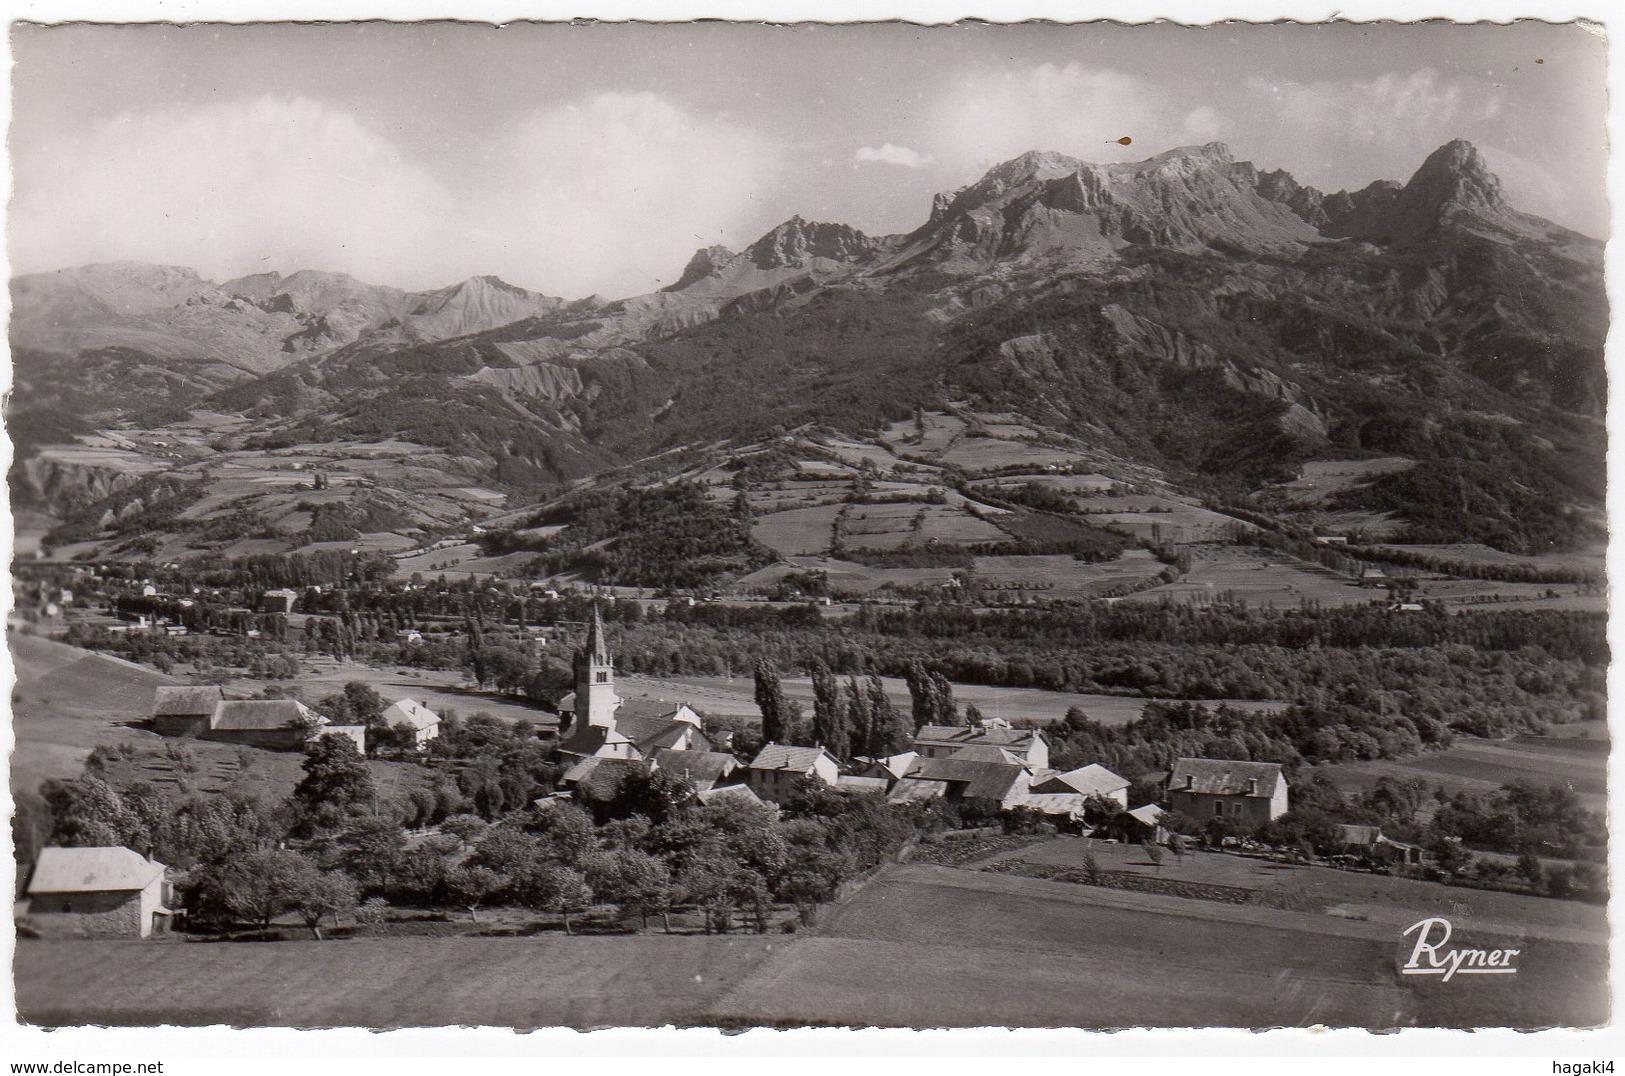 CPSM 04 : 2540 - Environs De BARCELONNETTE - Le Village De SAINT-PONS - Ed. Ryner à Marseille - Francia